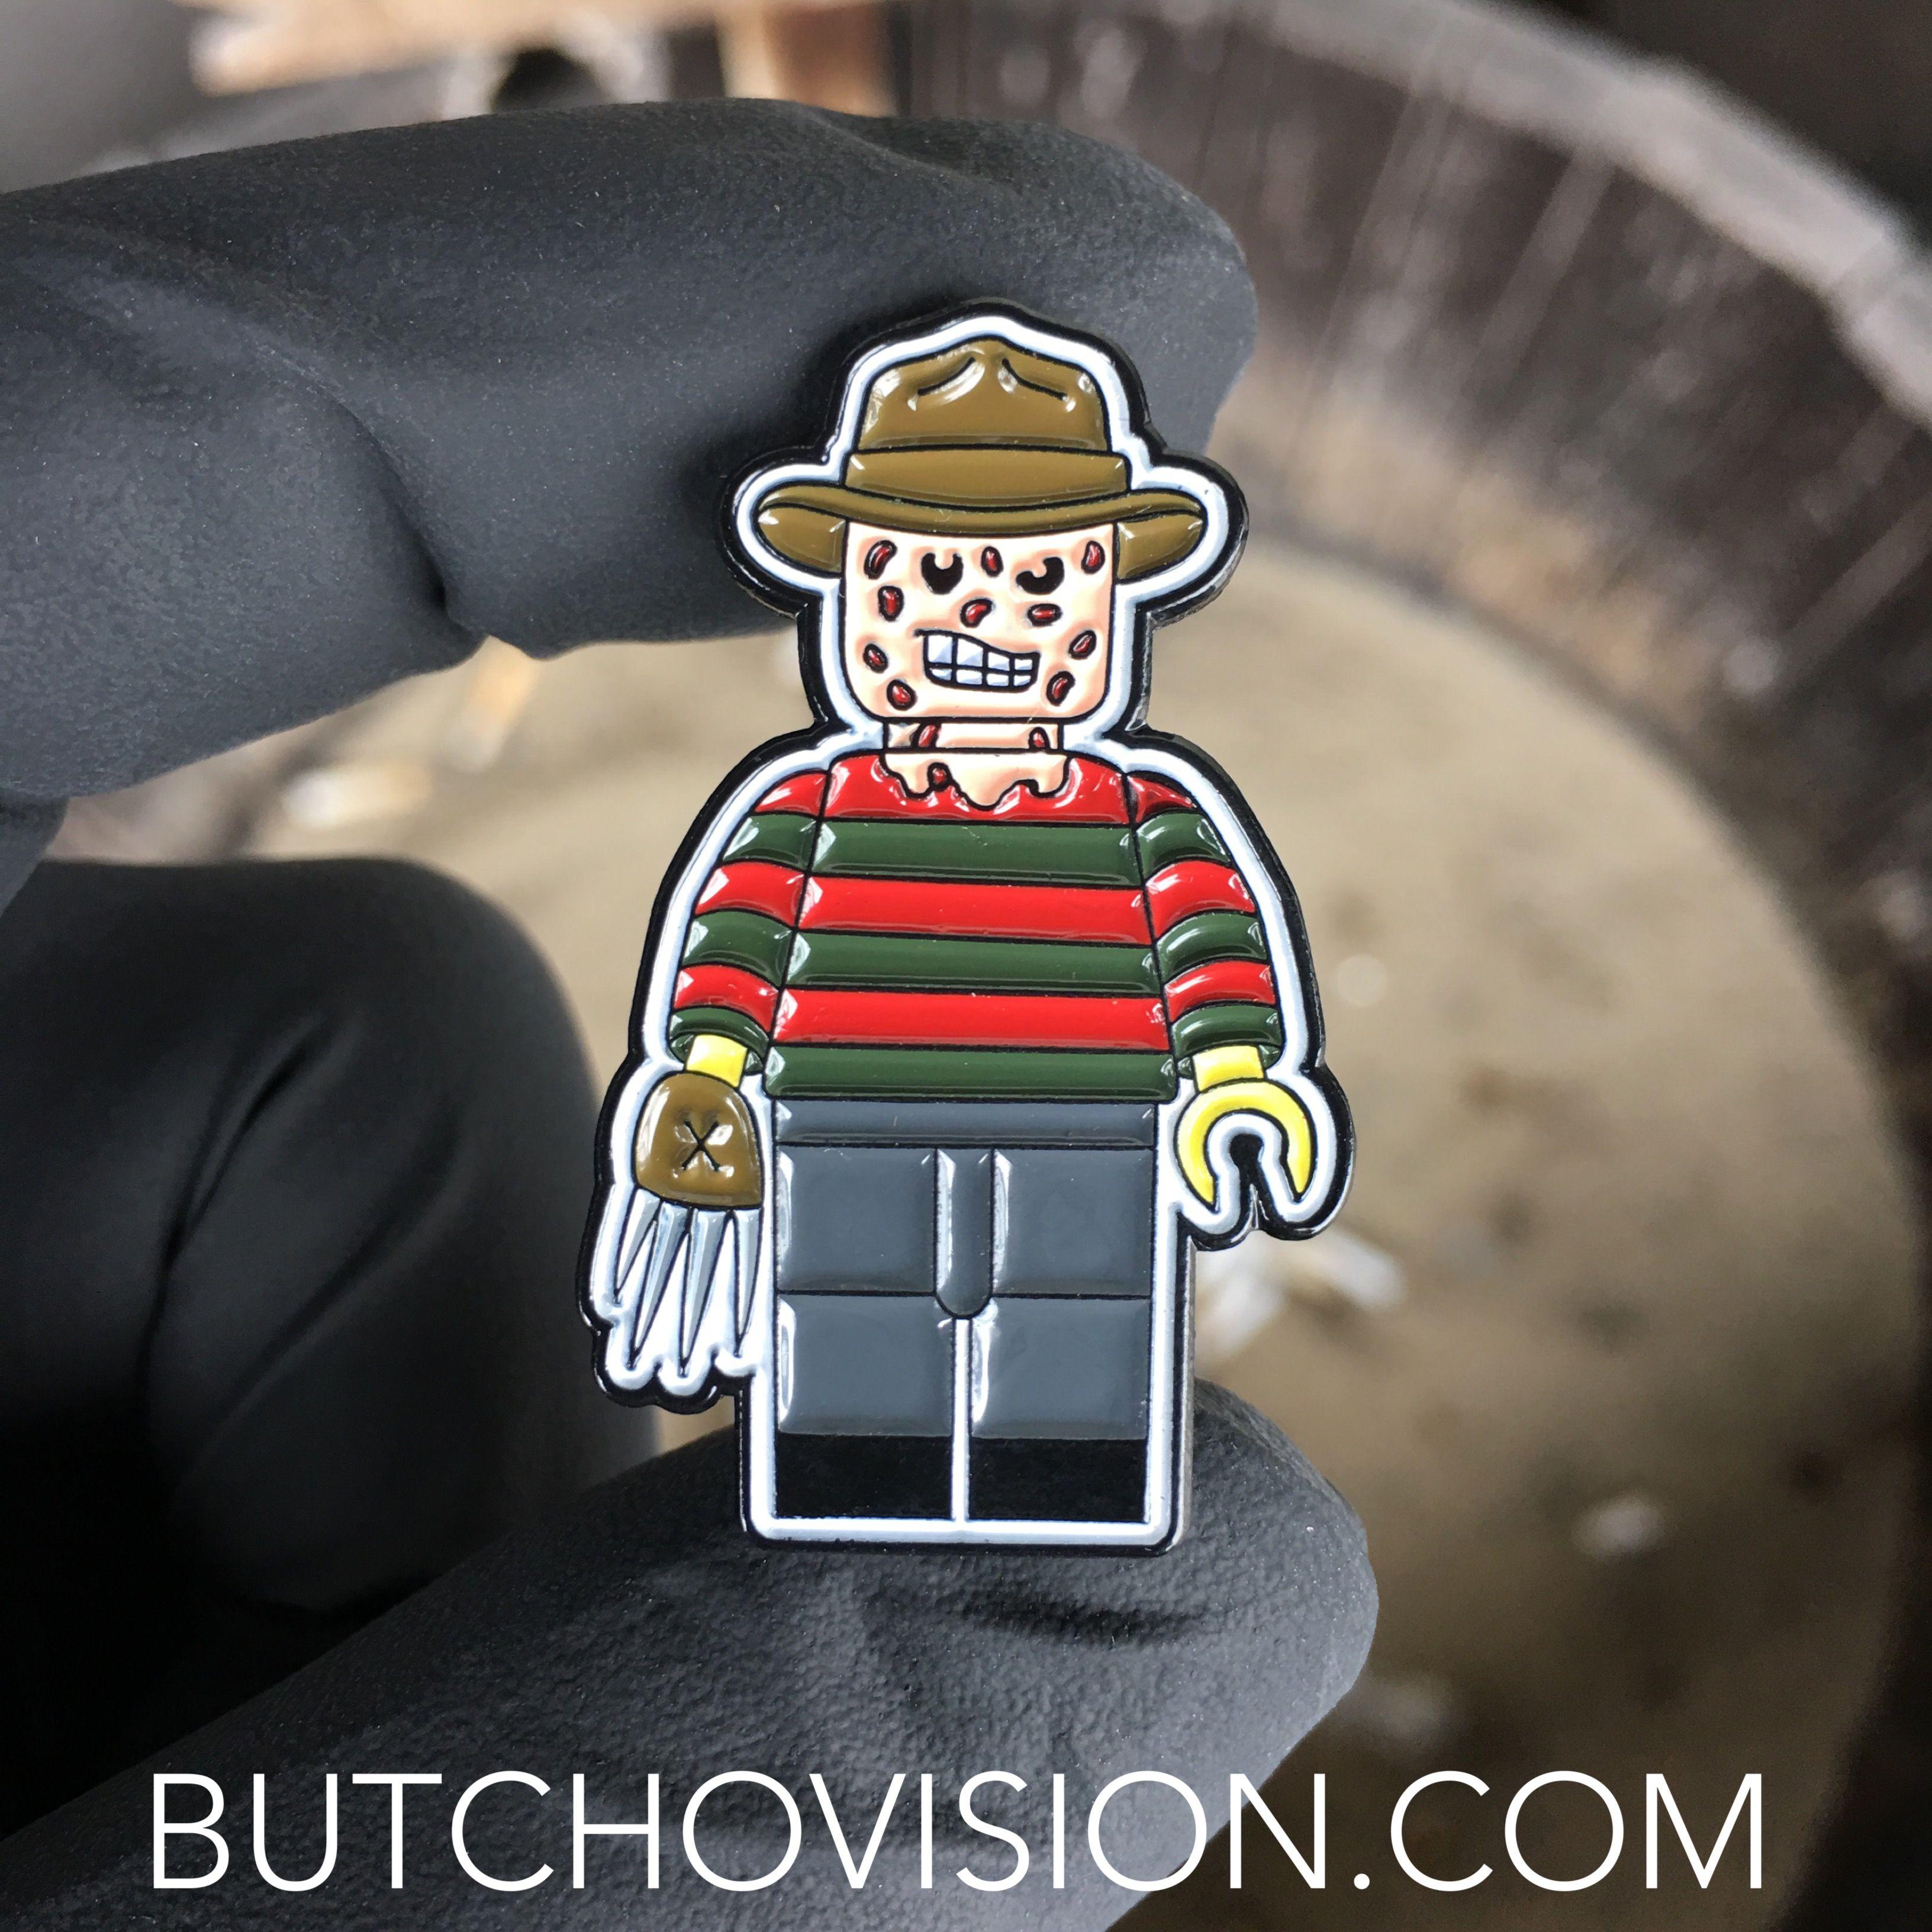 Nightmare On Elm Street, Lego Super